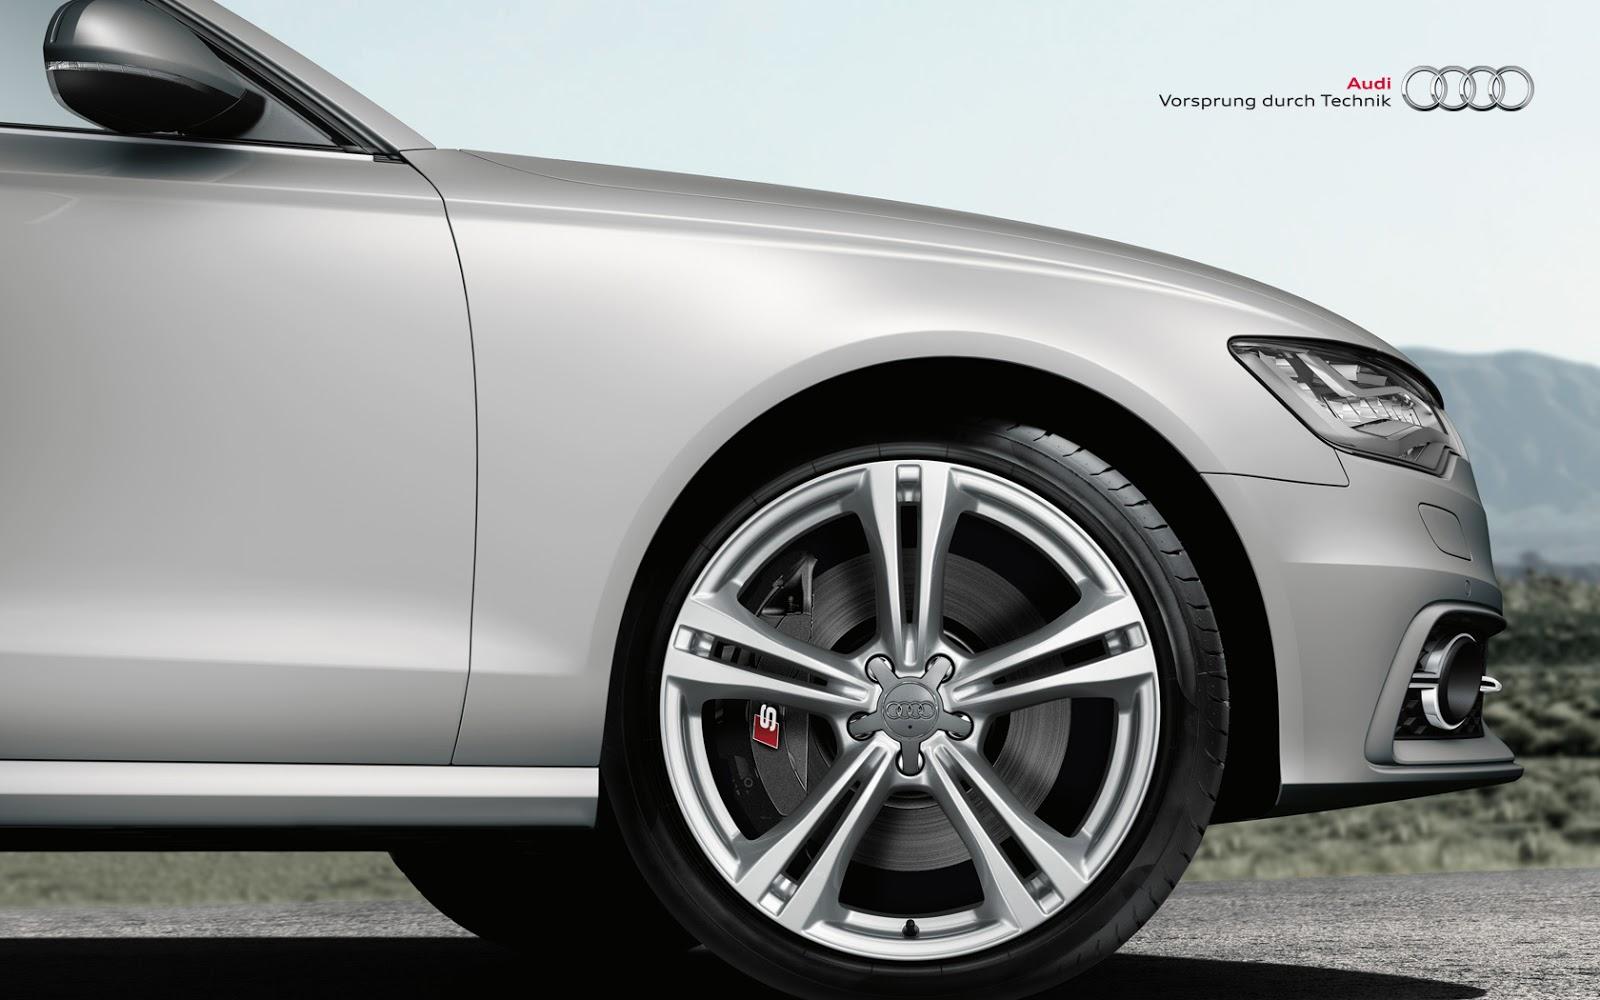 http://3.bp.blogspot.com/-8McGbaC3X1g/UKcUWrRqyuI/AAAAAAAAI10/2Hdc7UP9T8w/s1600/Audi-S6-A6-Exterior-front-alloy-wheel-rim-wallpaper-2.jpg